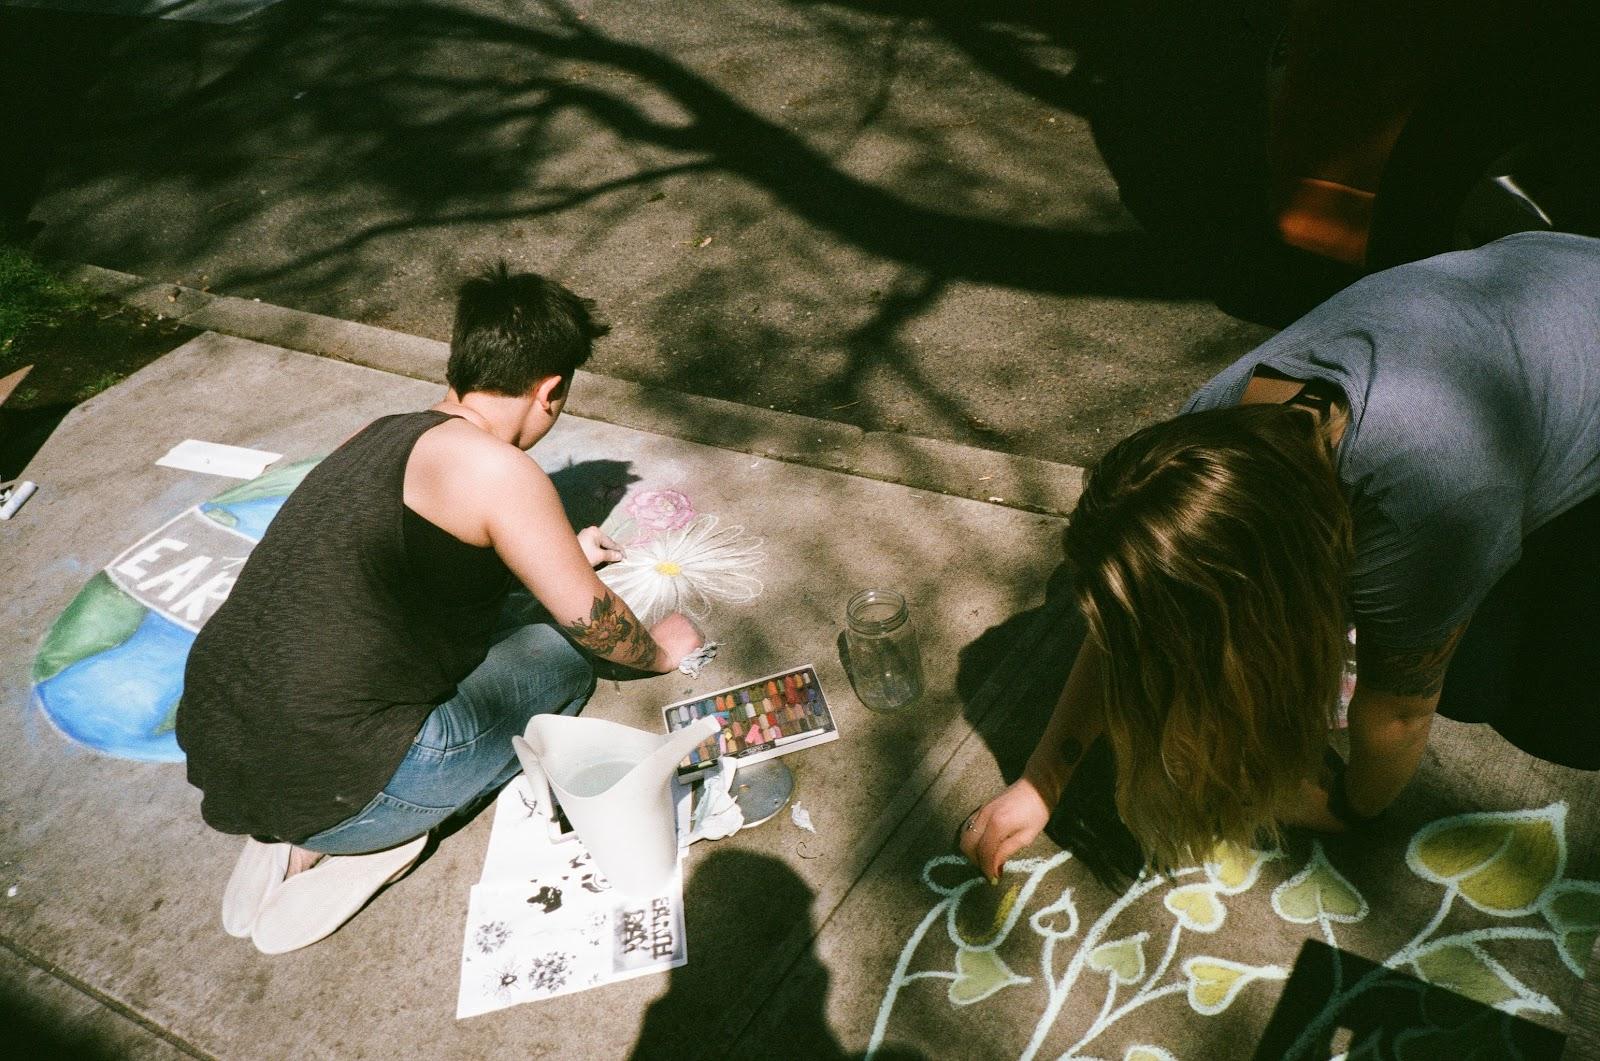 photo représentant des participants en train de réaliser une oeuvre artistique commune